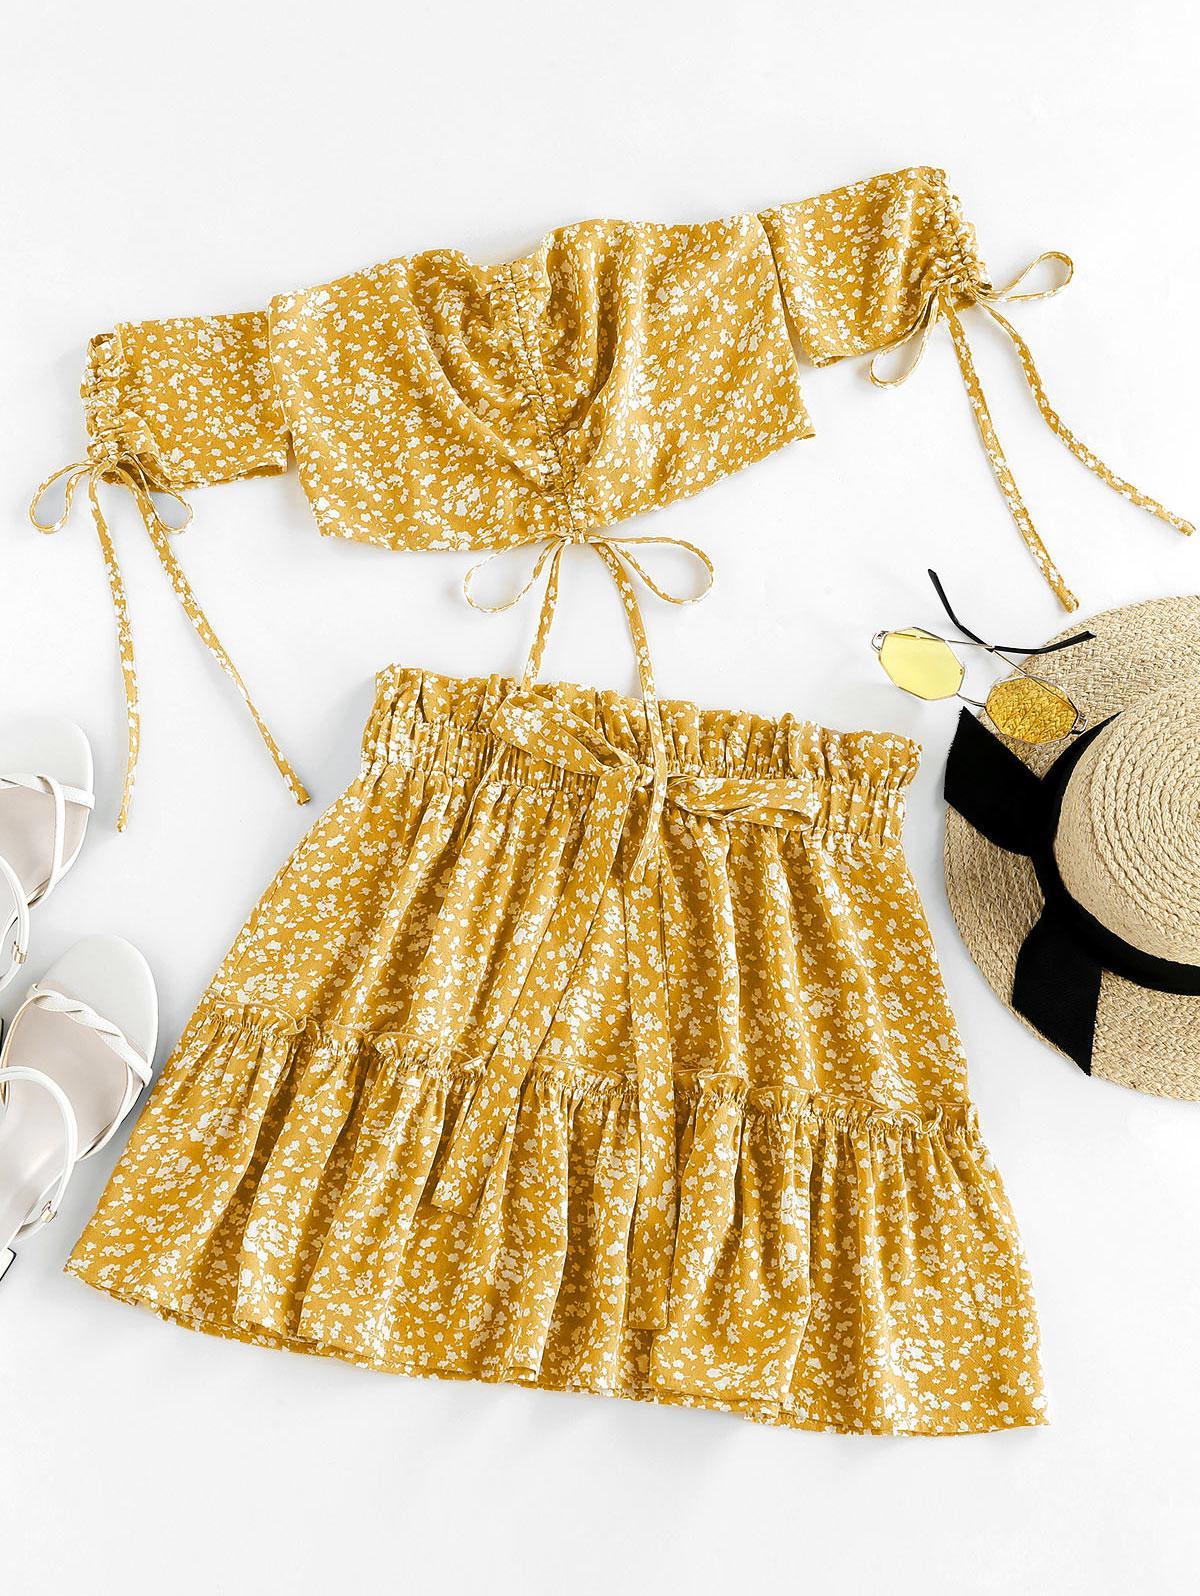 ZAFUL Ditsy Print Cinched Smocked Off Shoulder Frilled Skirt Set